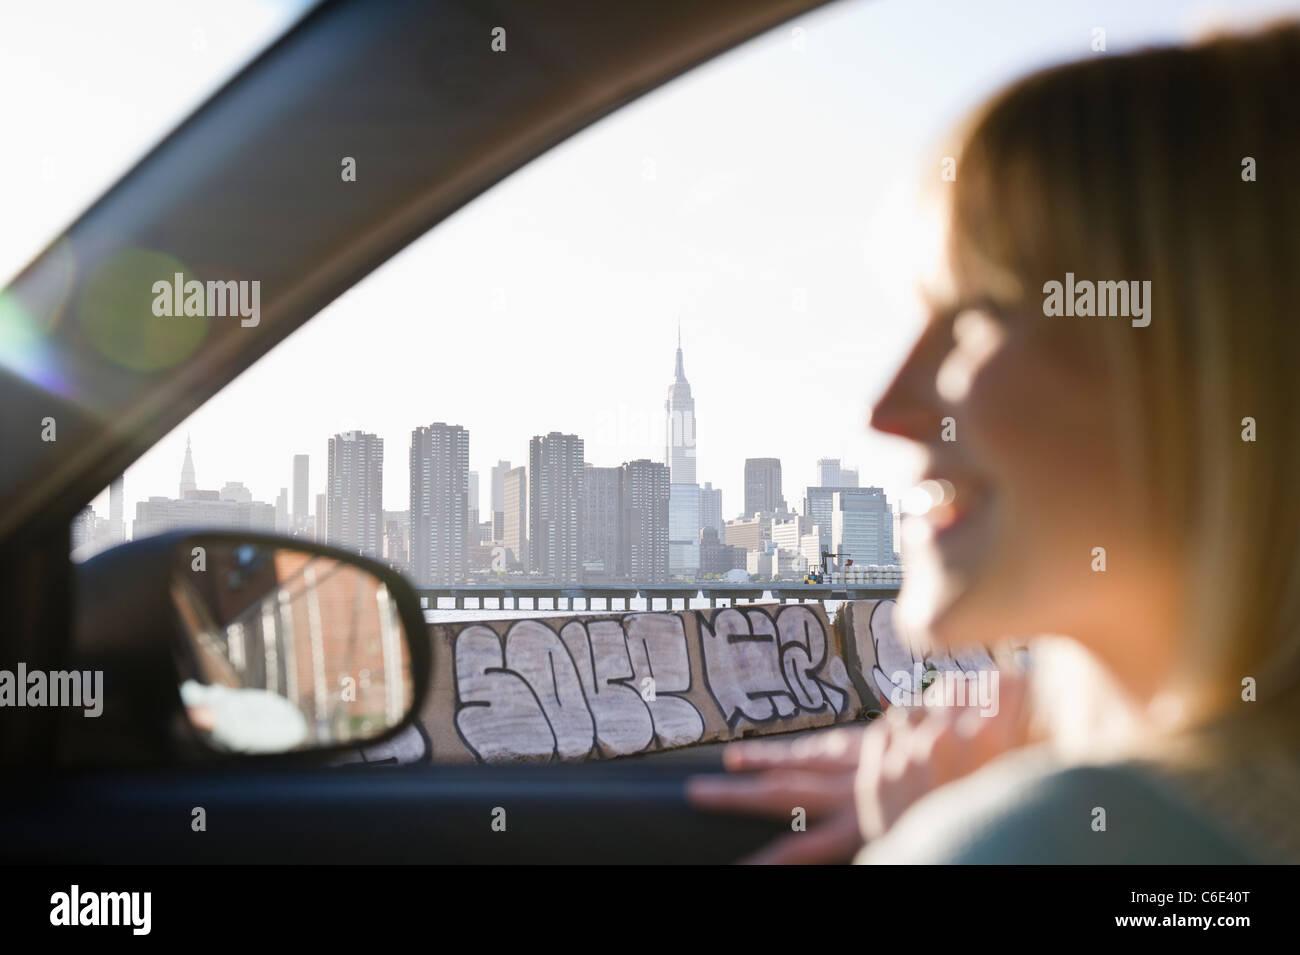 Stati Uniti d'America, Brooklyn, Williamsburg, donna alla guida attraverso la città Foto Stock